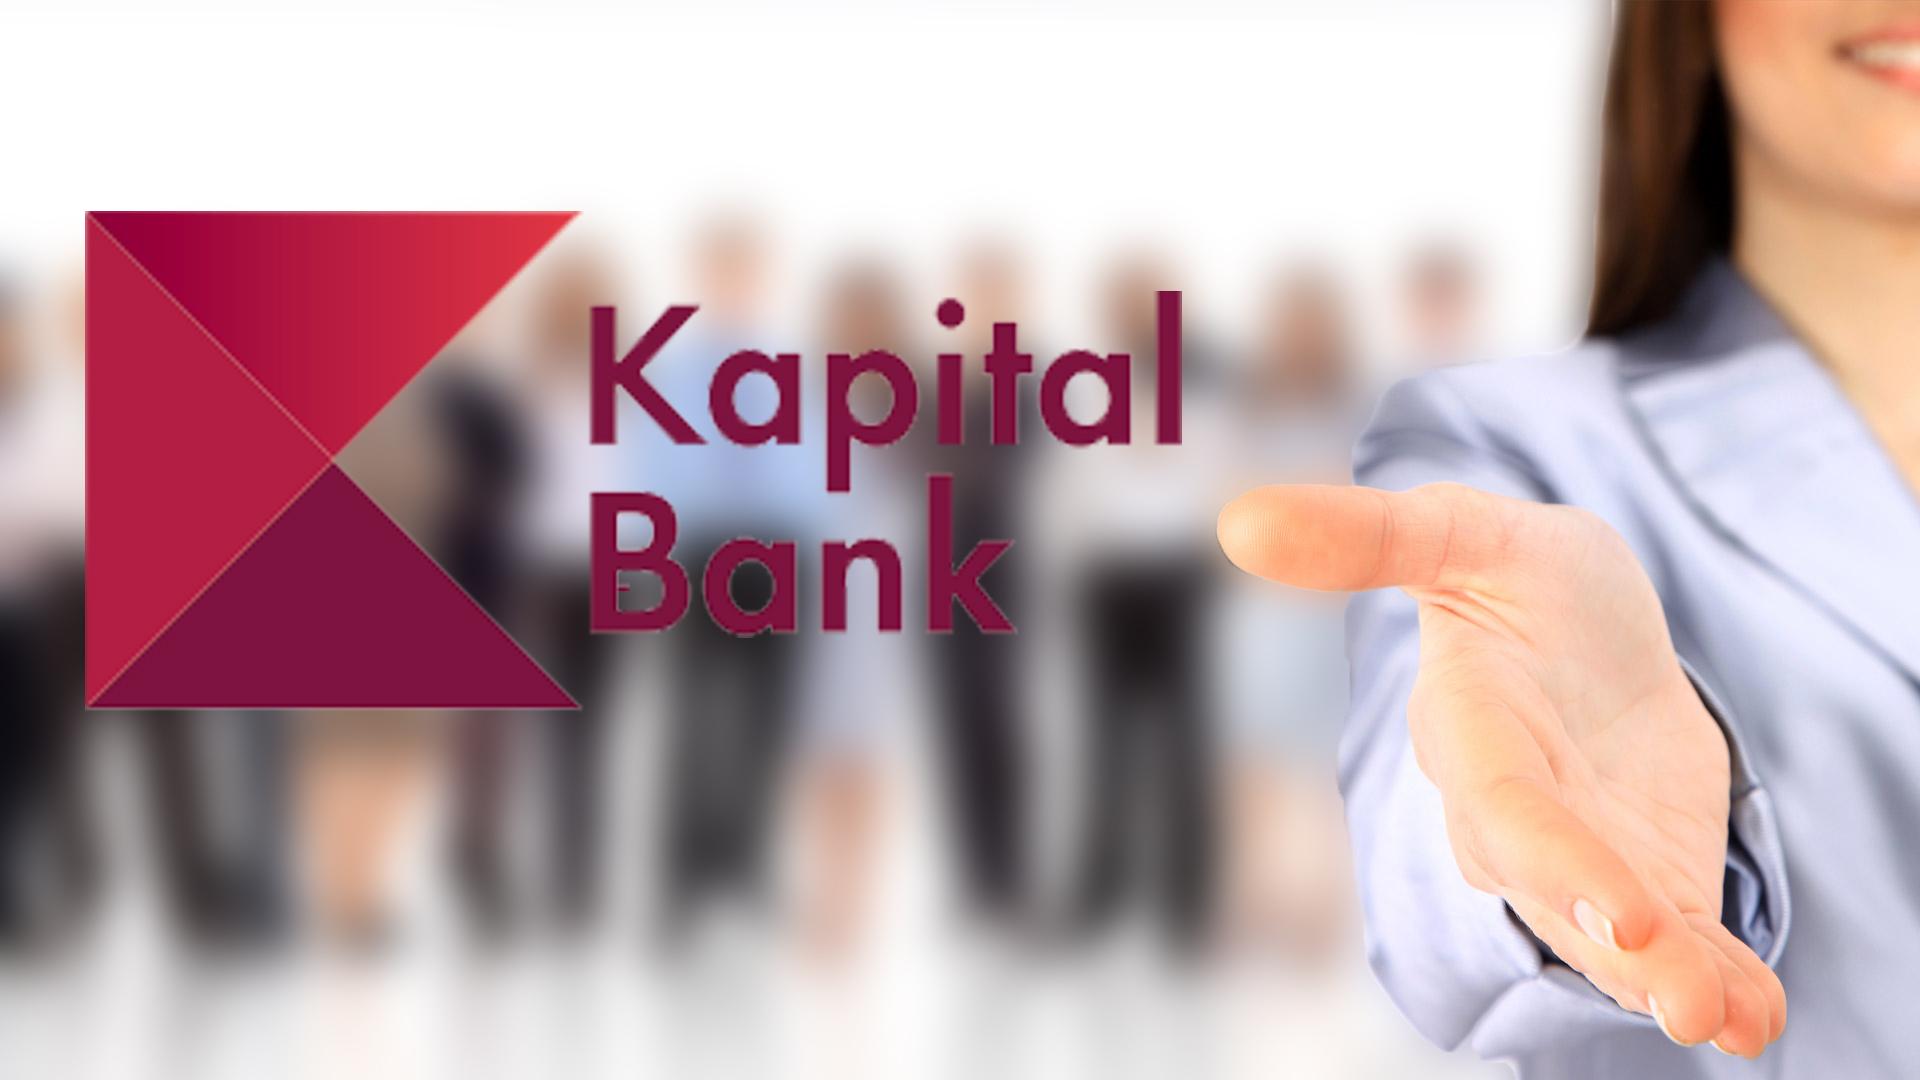 Kapital Bank-da İŞ VAR! - 2 yeni vakansiya